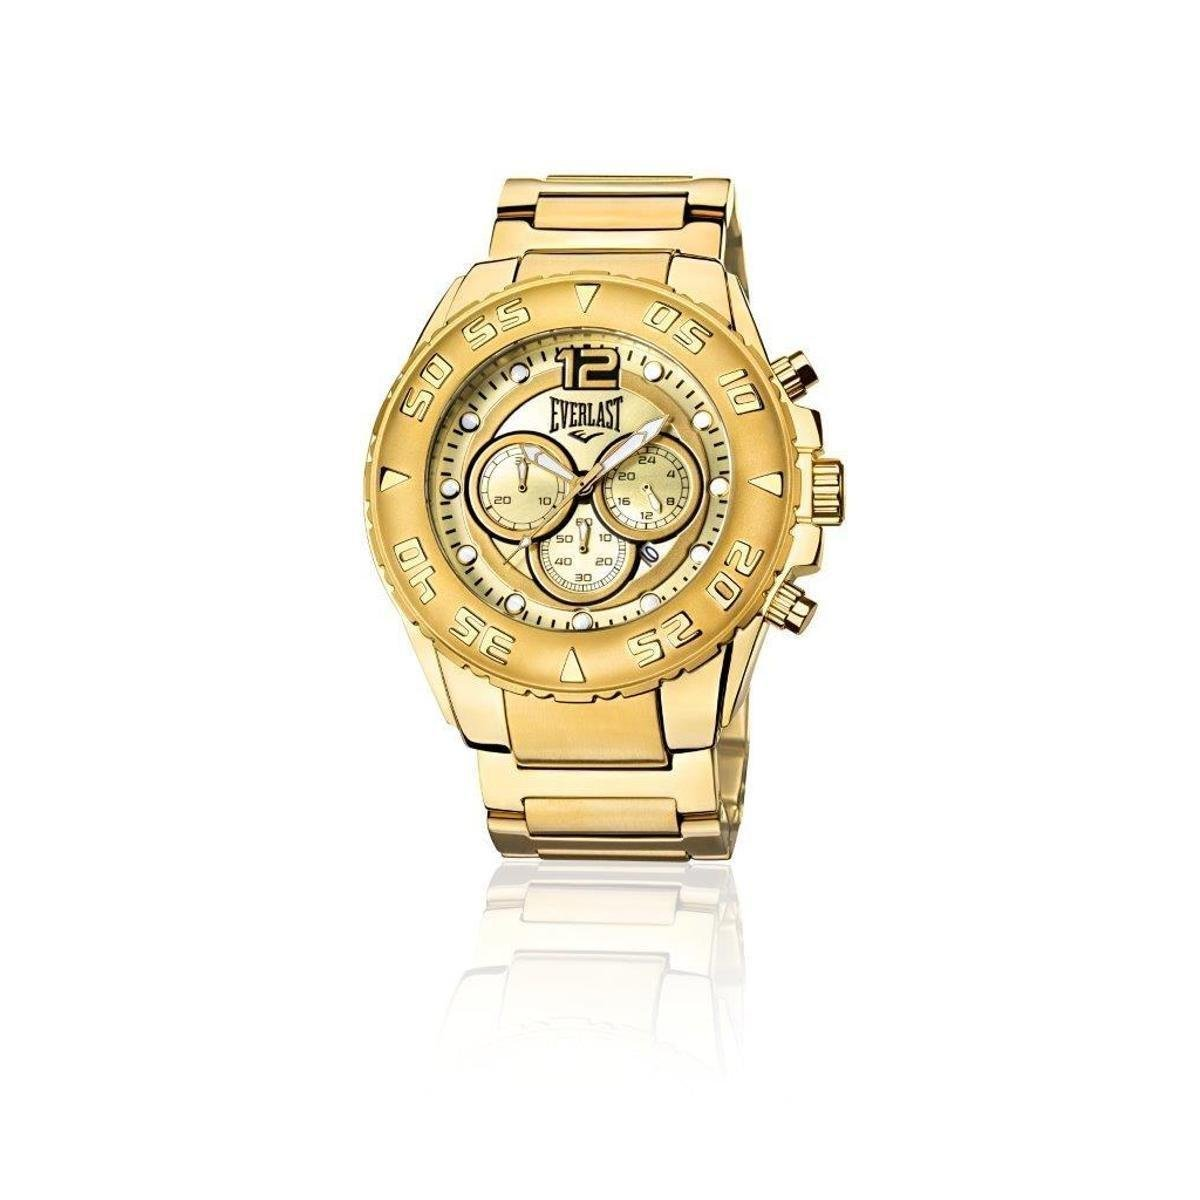 c7773534792 Relógio Everlast Cronógrafo Cx e Pulseira Aço Masculino - Dourado - Compre  Agora